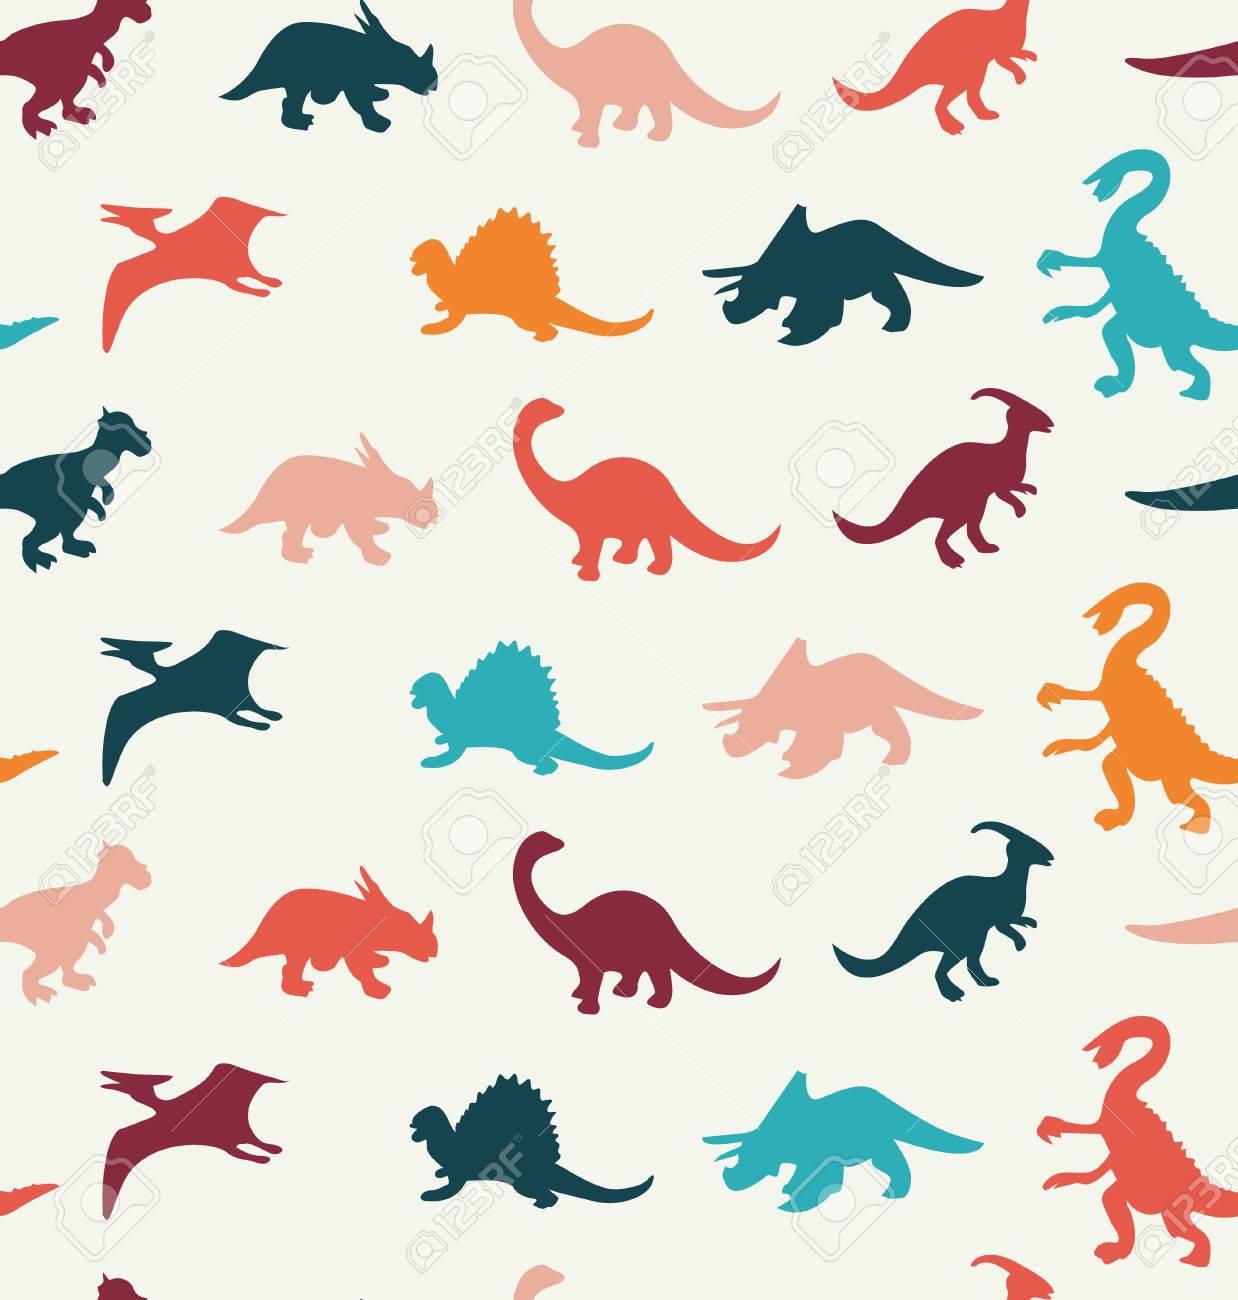 Patron Vector De Dibujos Animados De Colores Diferentes Siluetas De Dinosaurios Ilustracion Ilustraciones Vectoriales Clip Art Vectorizado Libre De Derechos Image 41506014 Vector illustration isolated on white , #sponsored, #set, #silhouettes, #dinosaur, #vector, #white #ad. patron vector de dibujos animados de colores diferentes siluetas de dinosaurios ilustracion